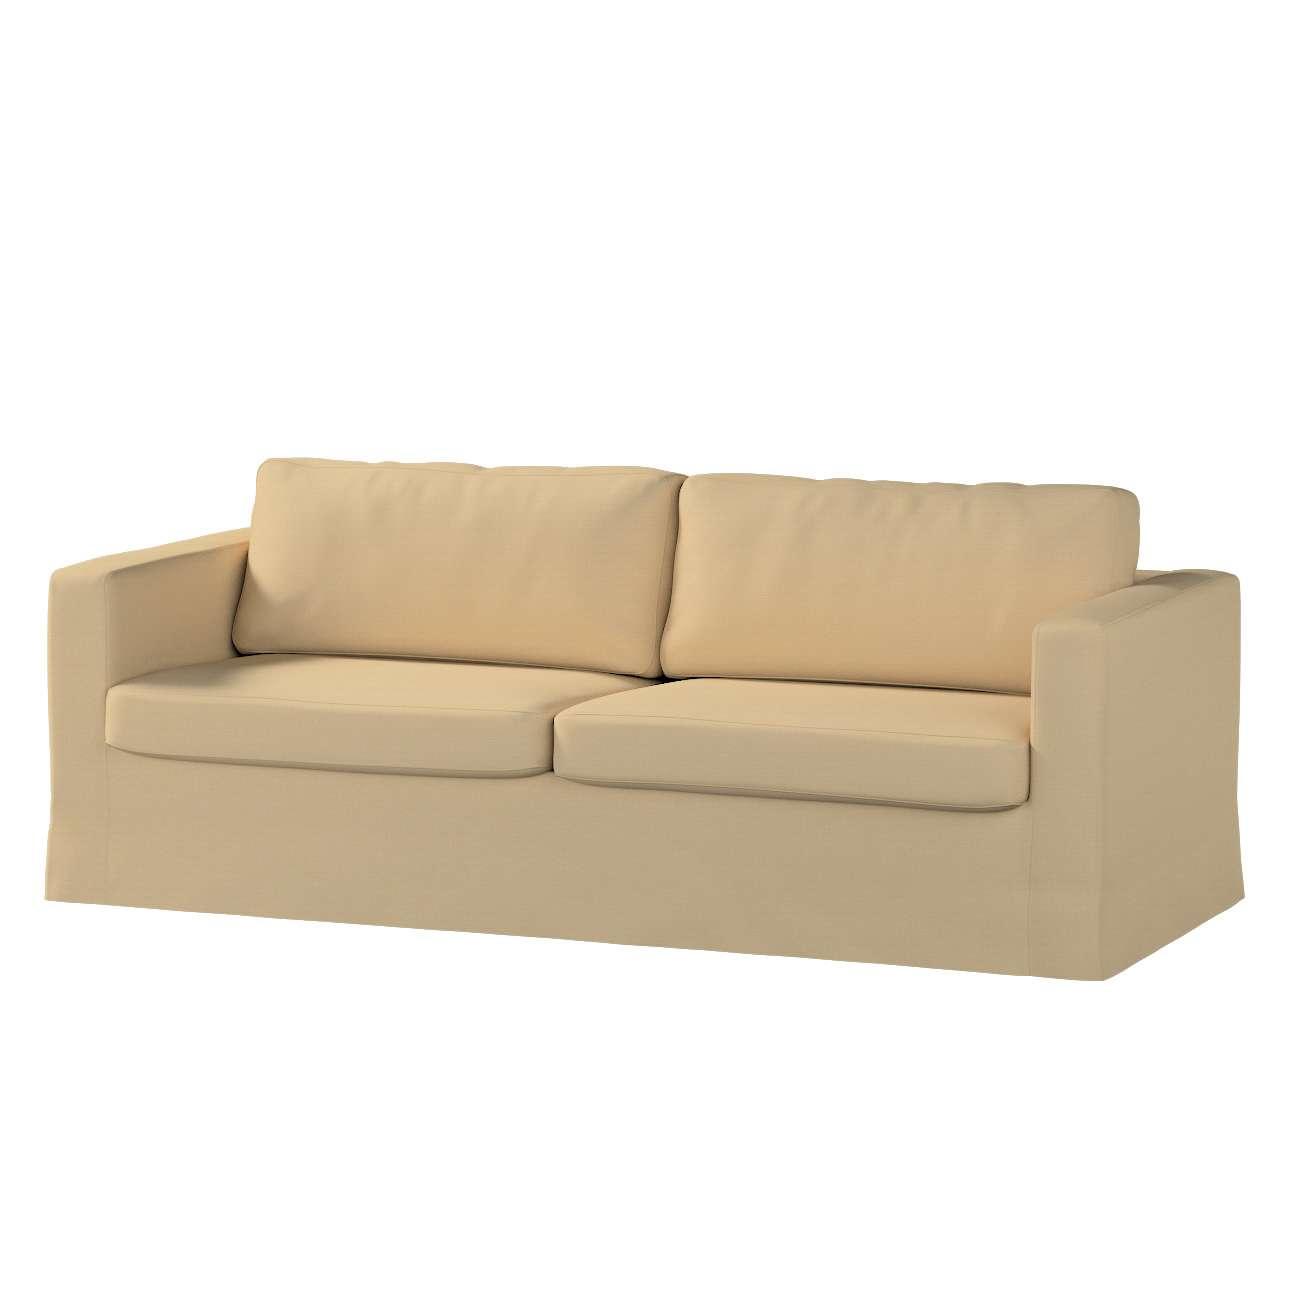 Karlstad trivietės sofos užvalkalas (ilgas, iki žemės) Karlstad trivietės sofos užvalkalas (ilgas, iki žemės) kolekcijoje Cotton Panama, audinys: 702-01